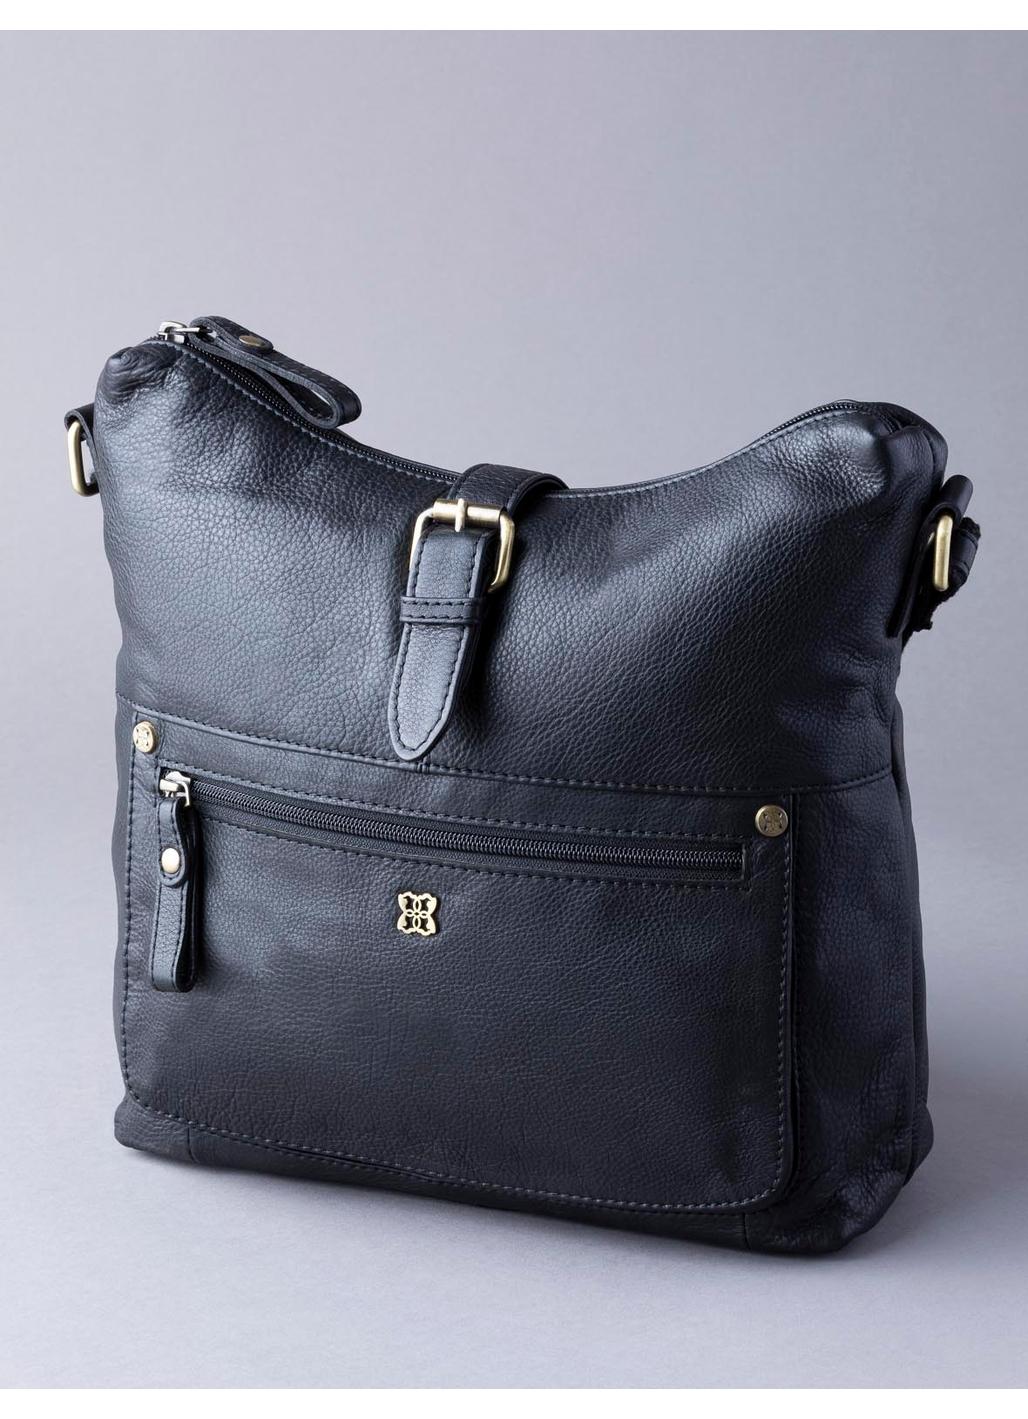 Rickerby Leather Shoulder Bag in Black